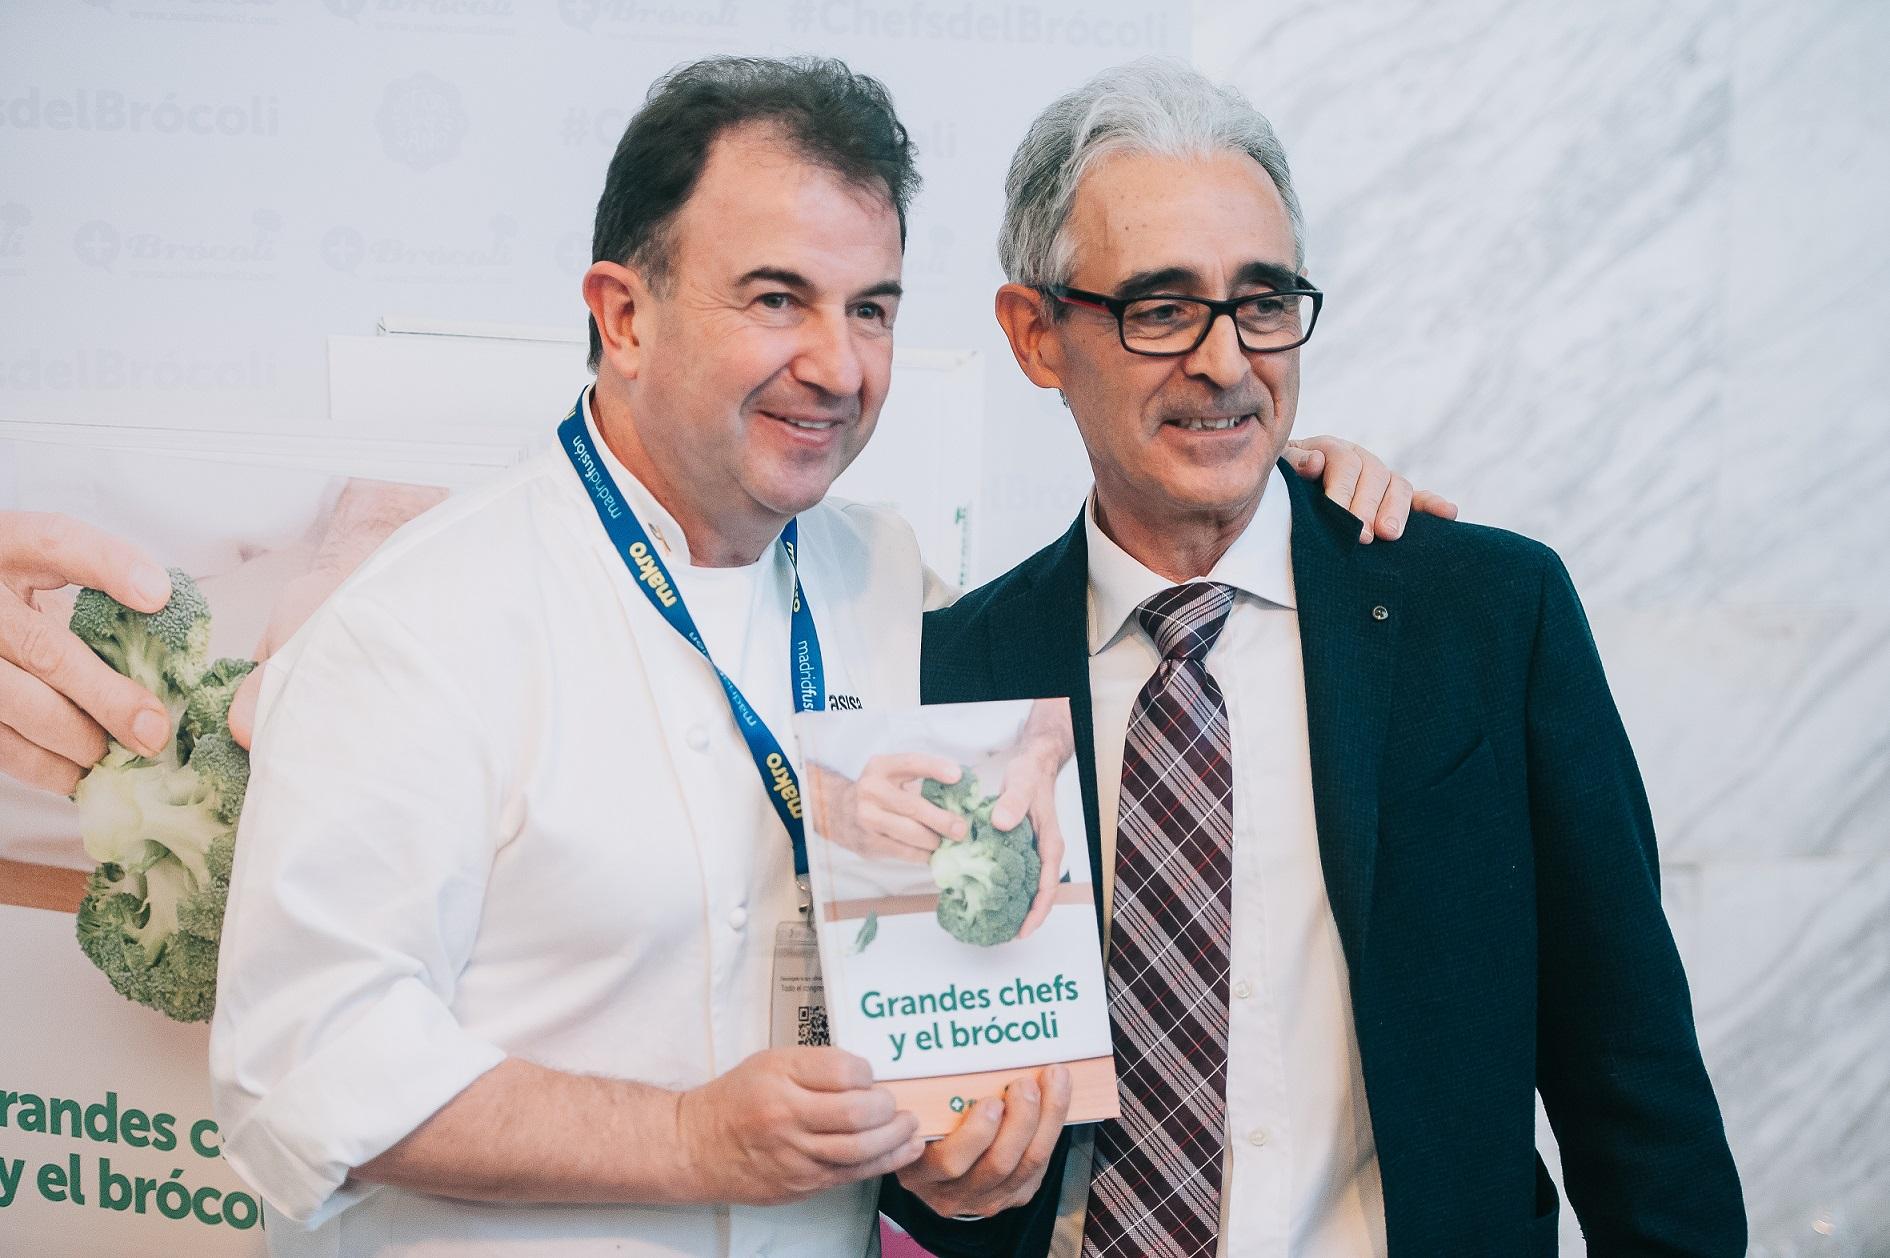 Martín Berasategui y Javier Bernabéu, secretario de +Brócoli, durante la presentación del libro Grandes chefs y el brócoli en Madrid Fusión 2017.